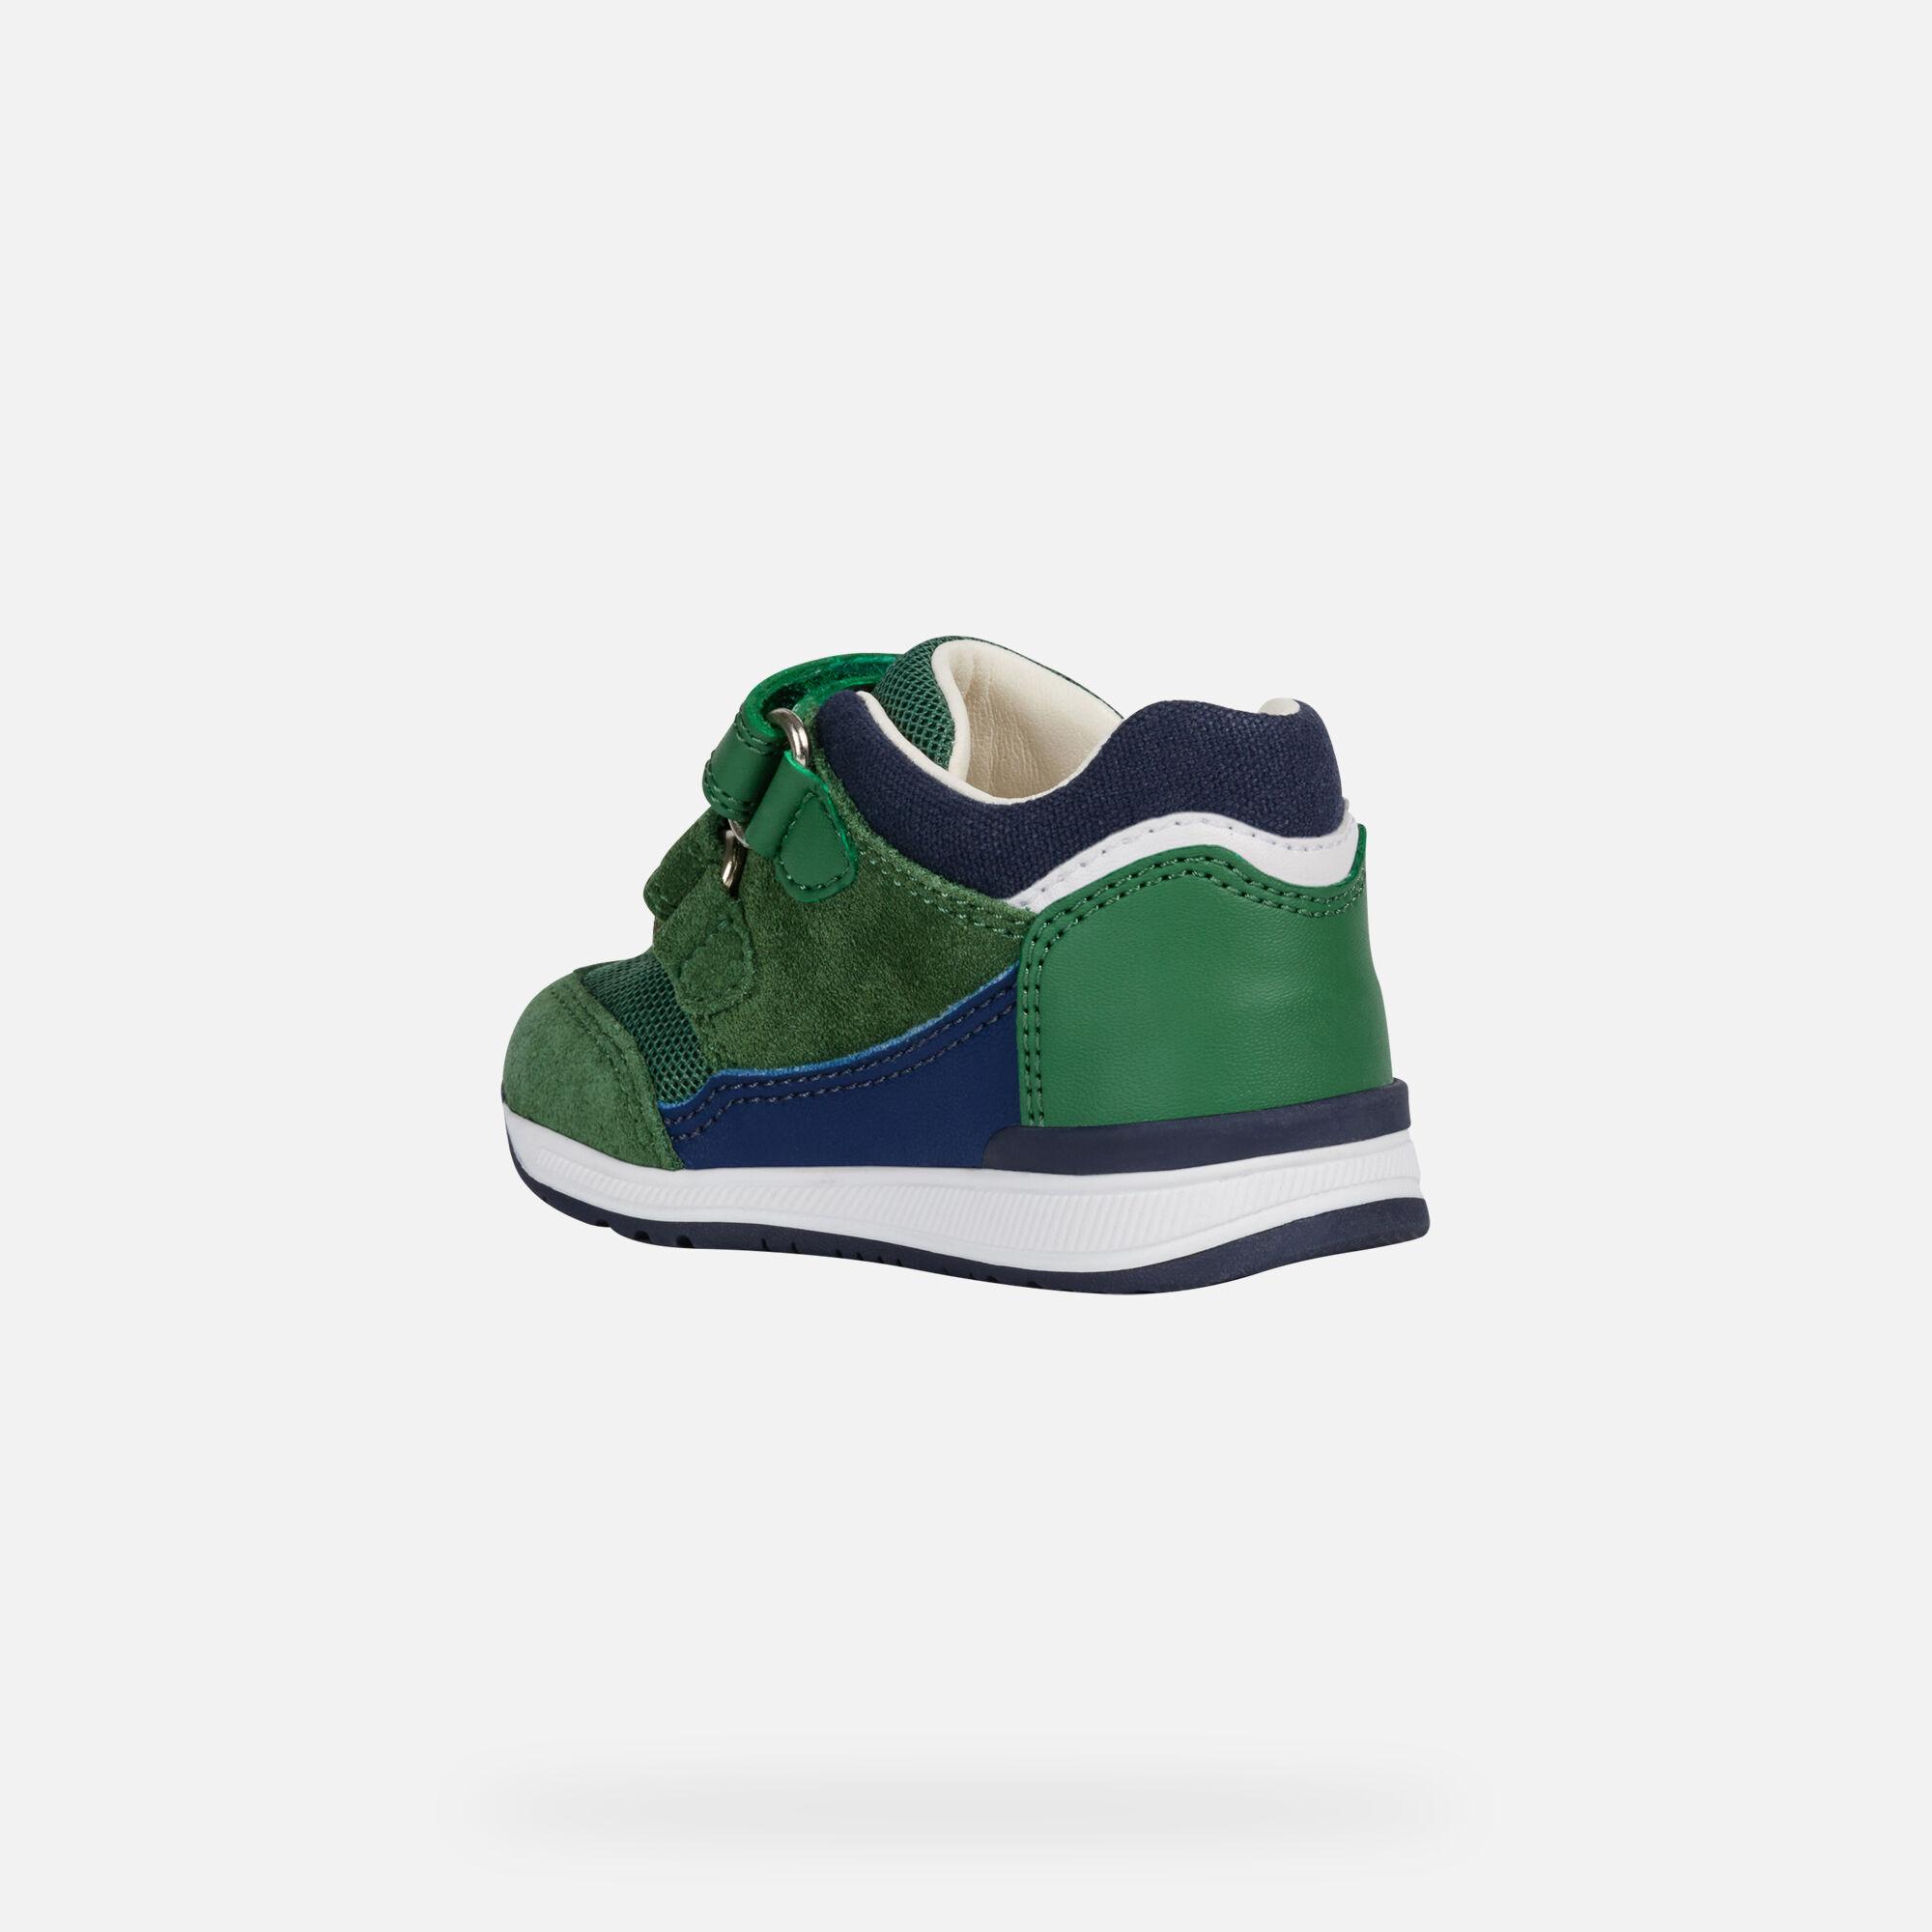 Geox Kids' VITA 31 Sneaker